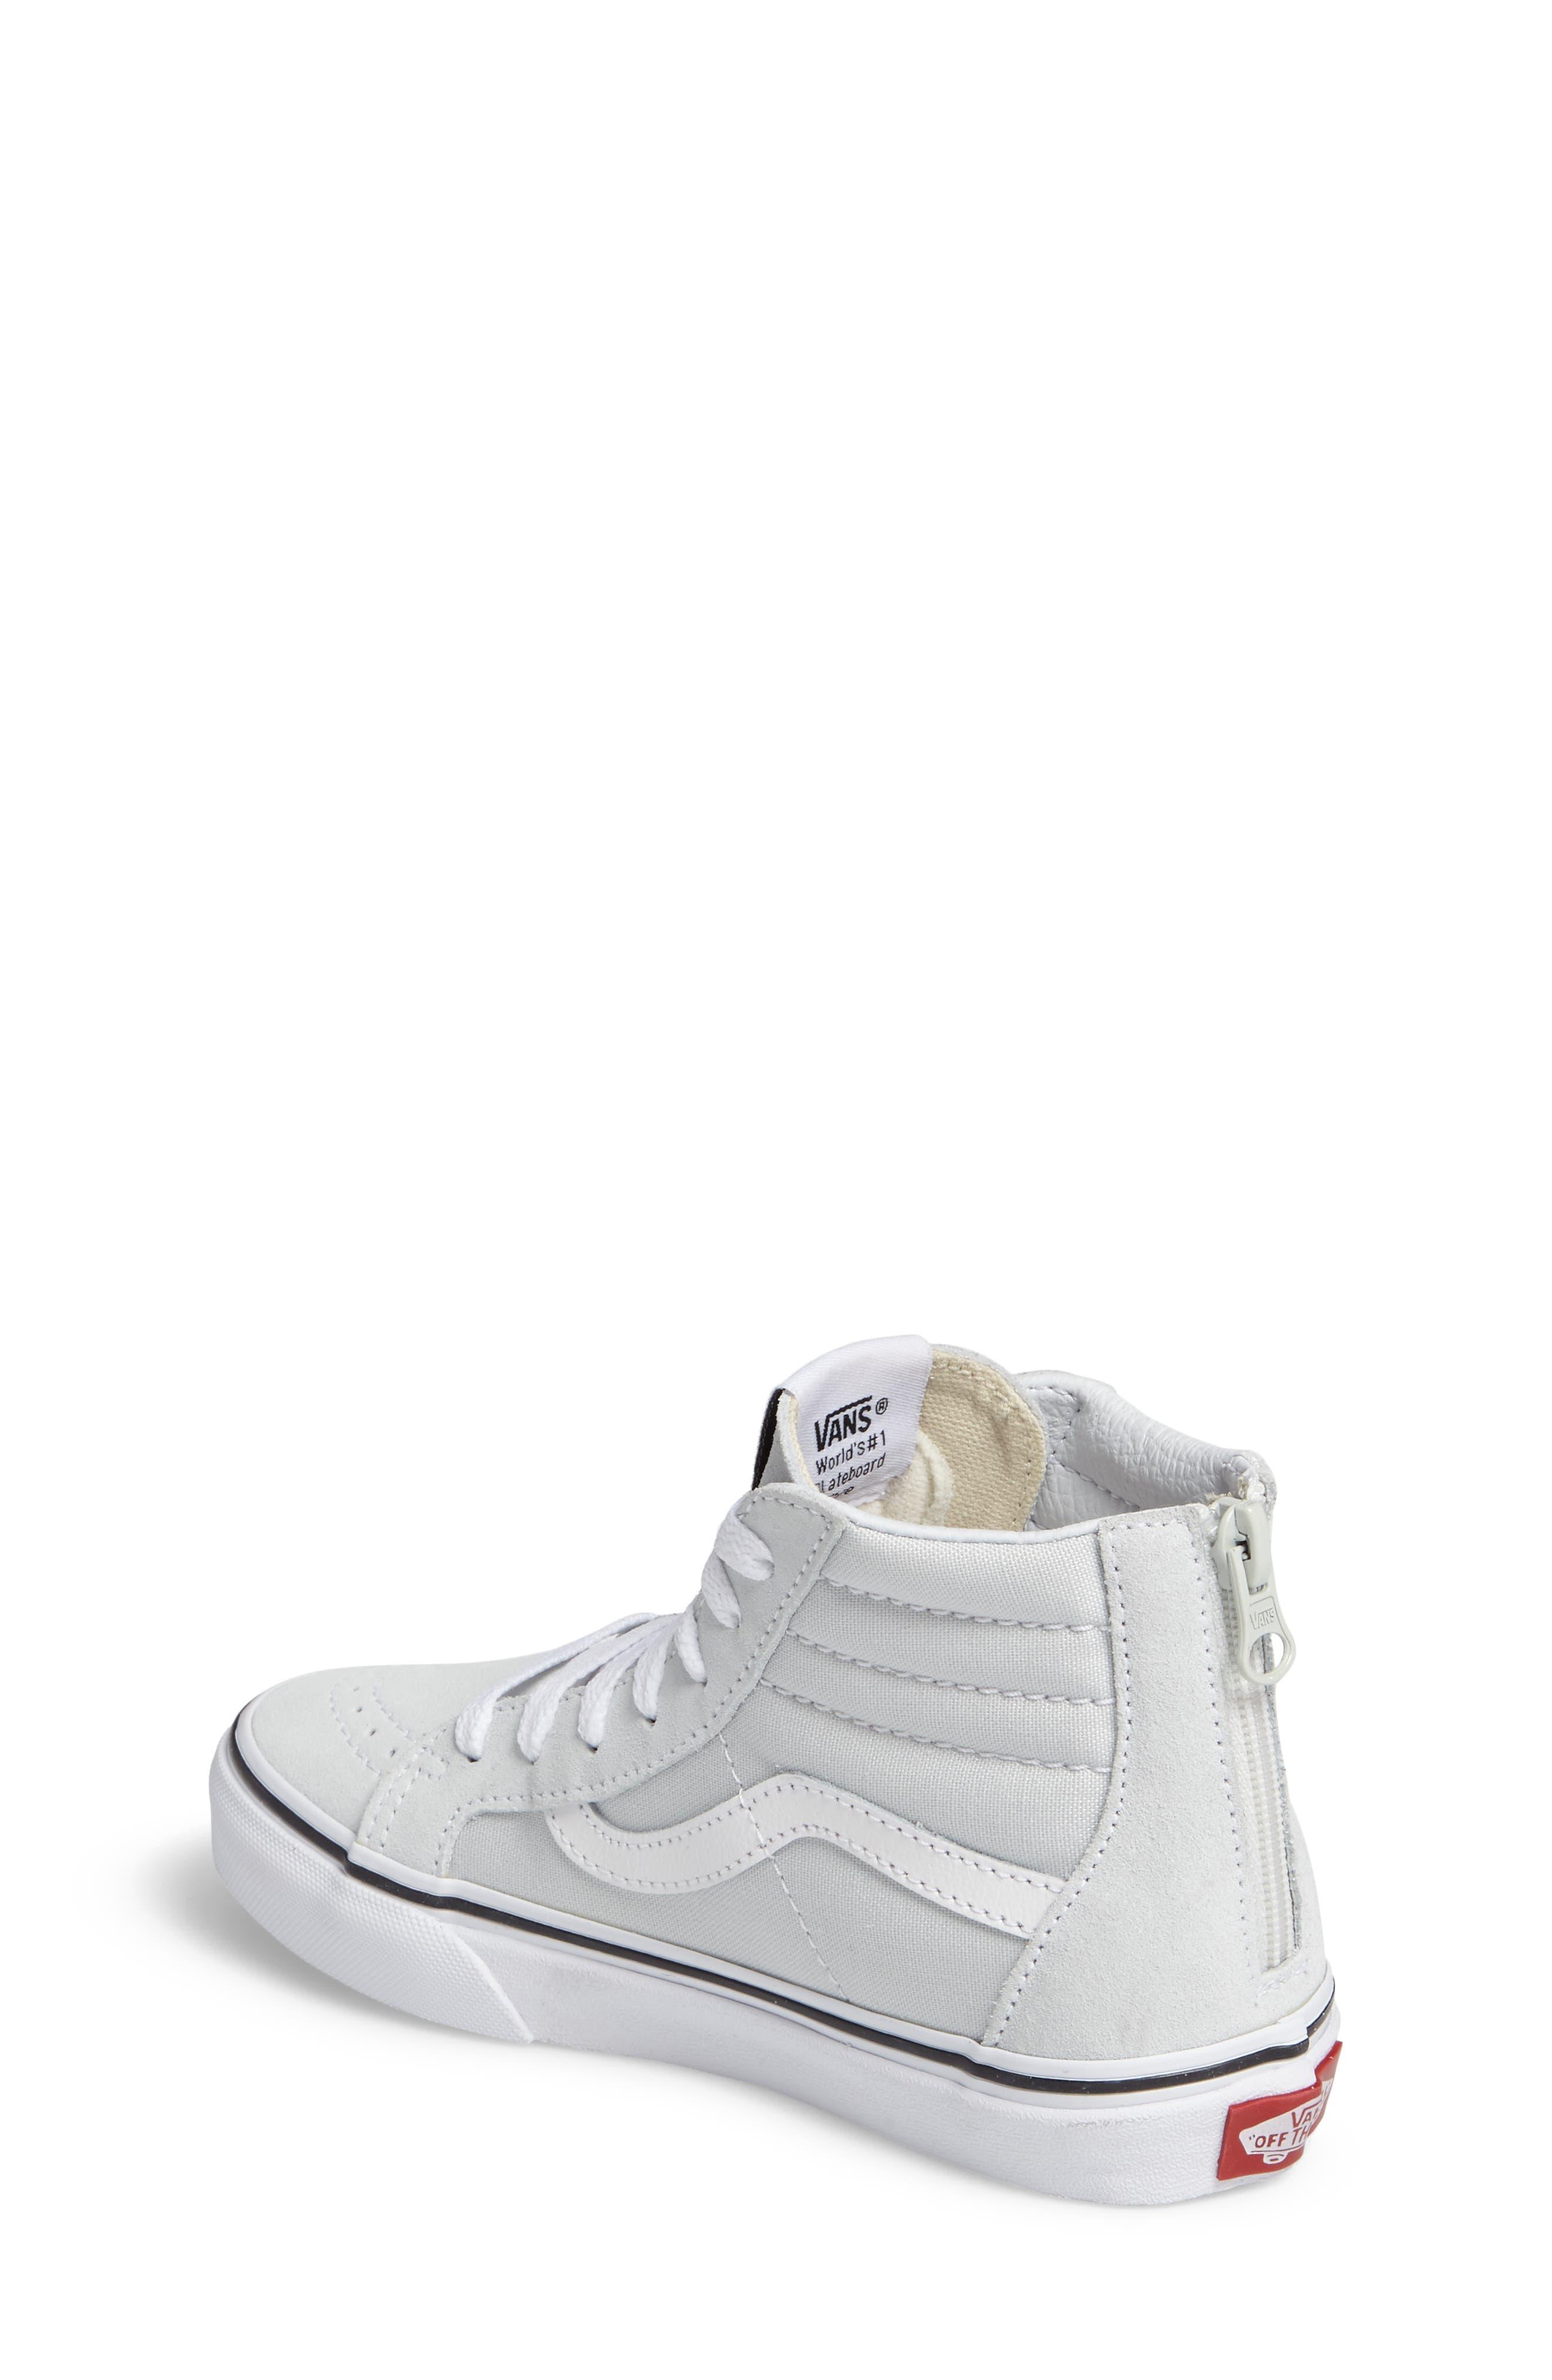 SK8-Hi Zip Sneaker,                             Alternate thumbnail 2, color,                             900